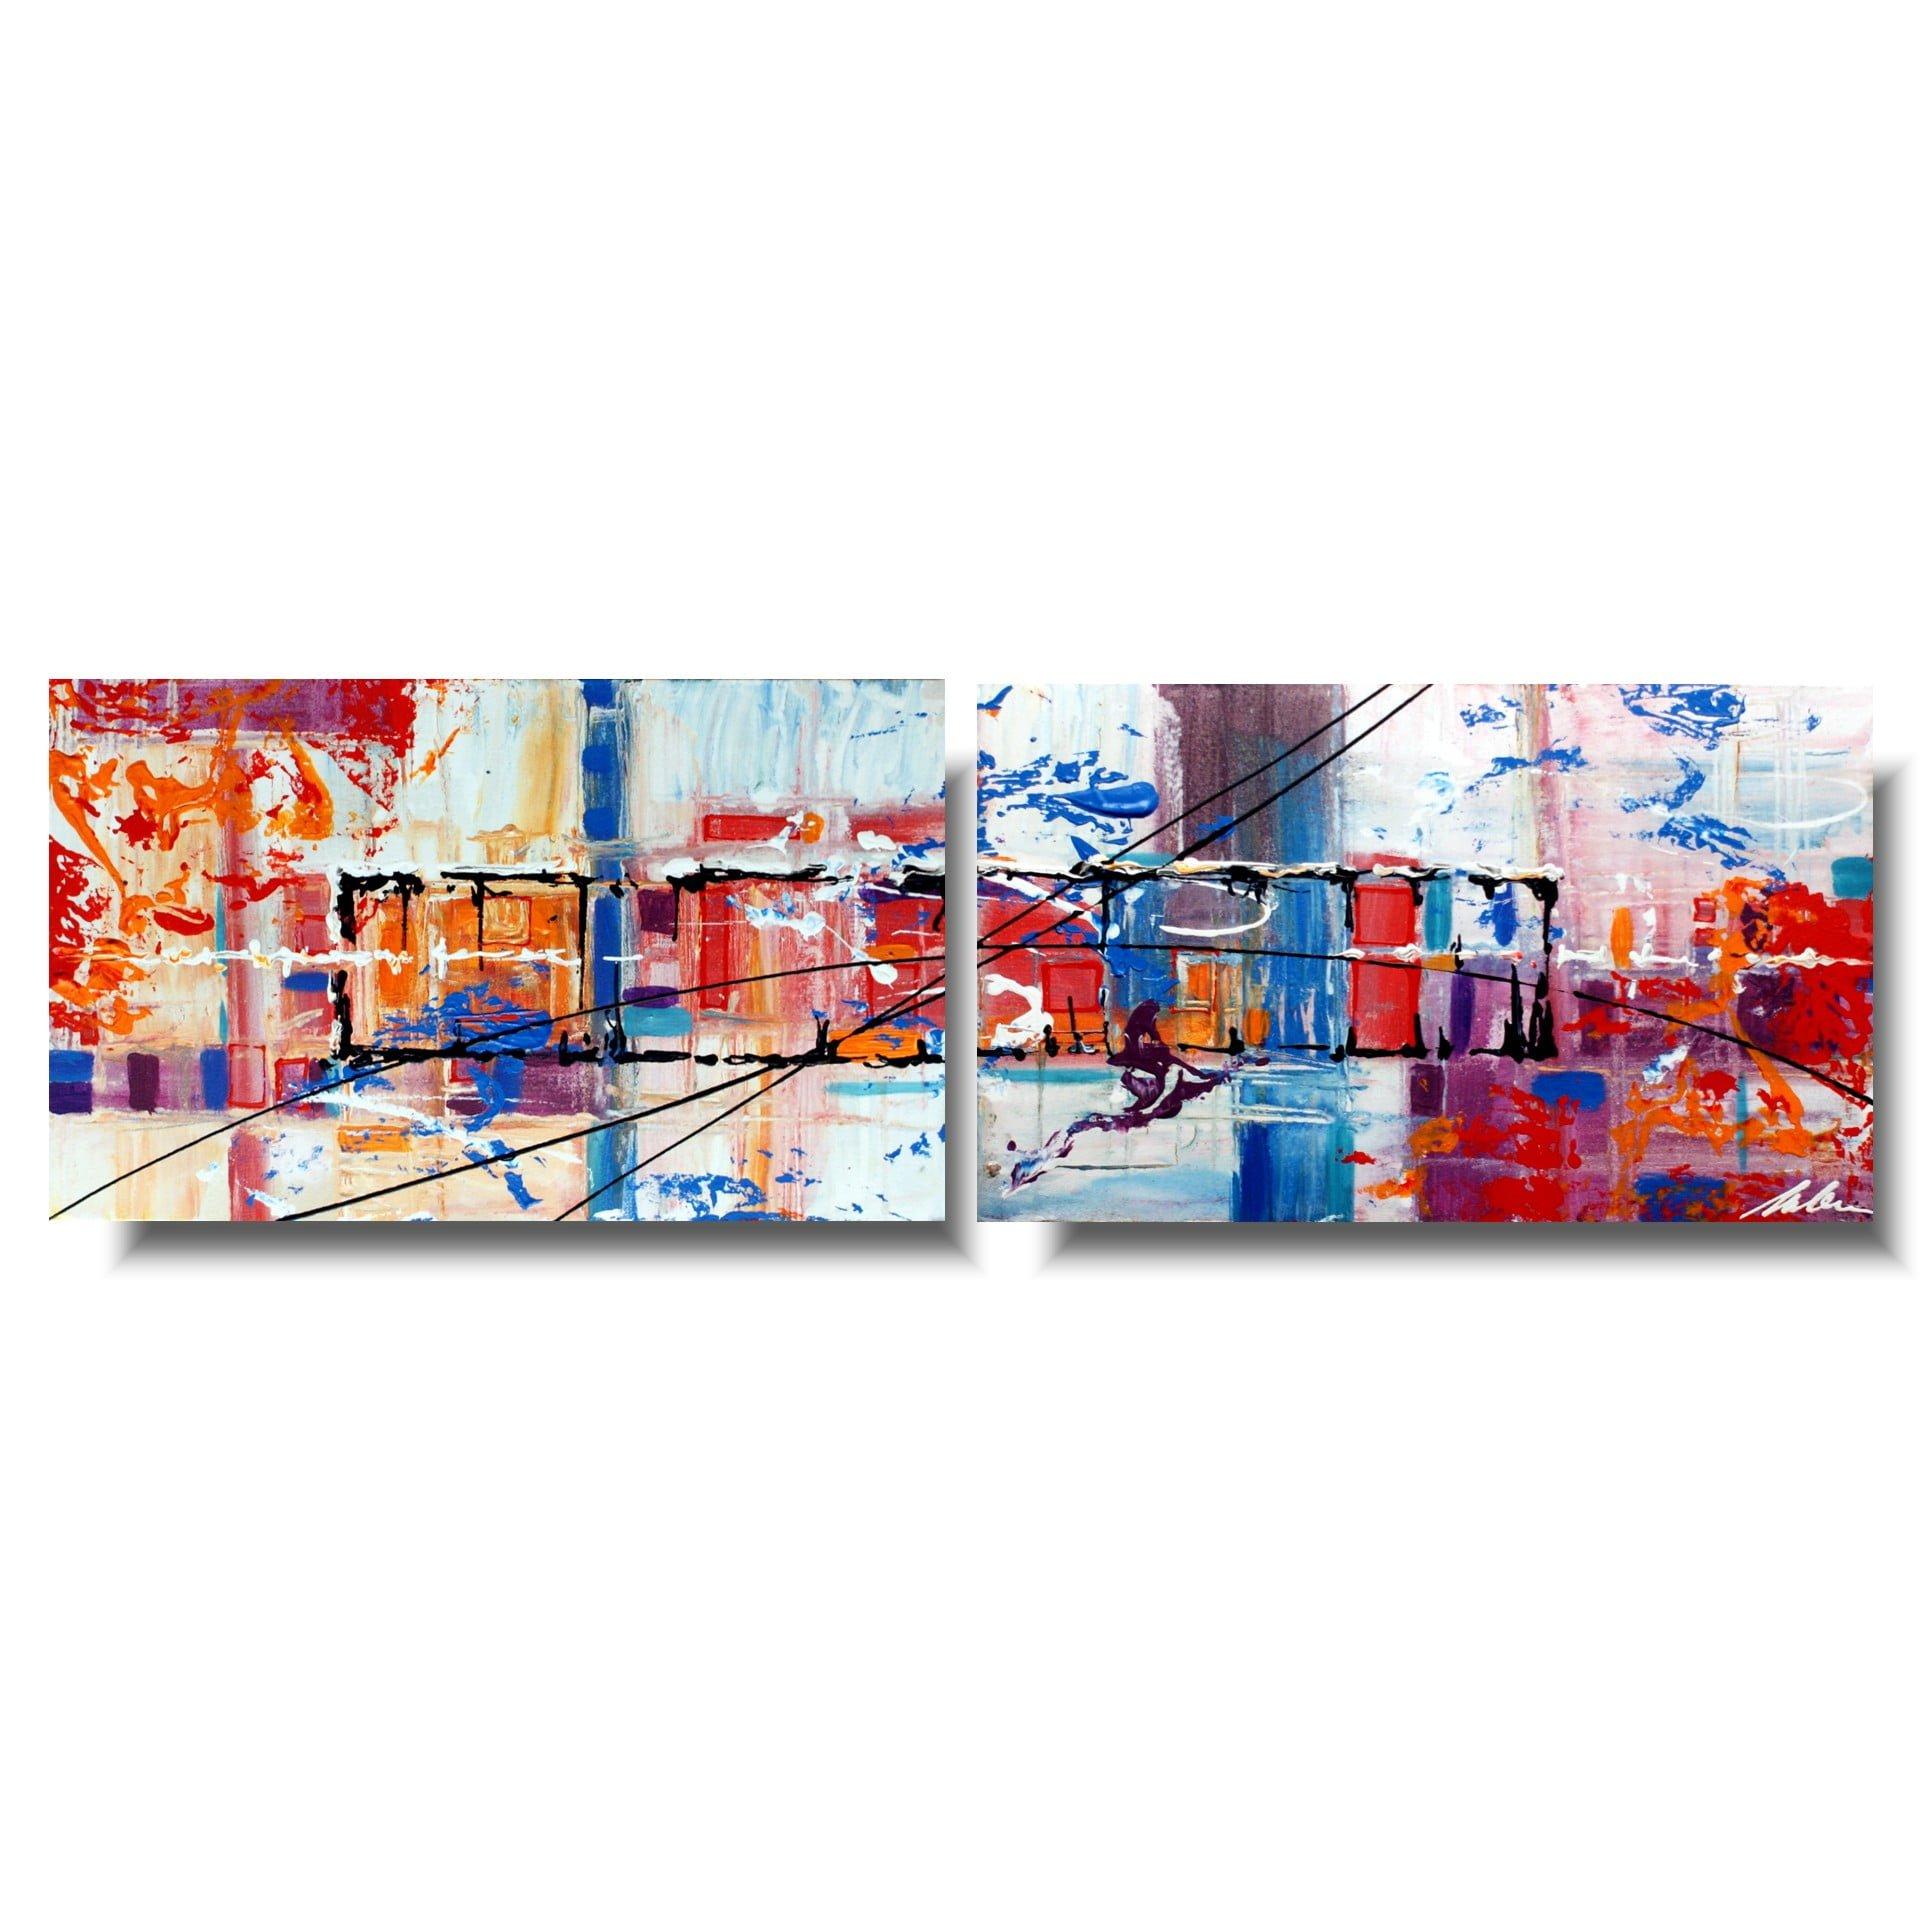 Obraz malowany ręcznie abstrakcja